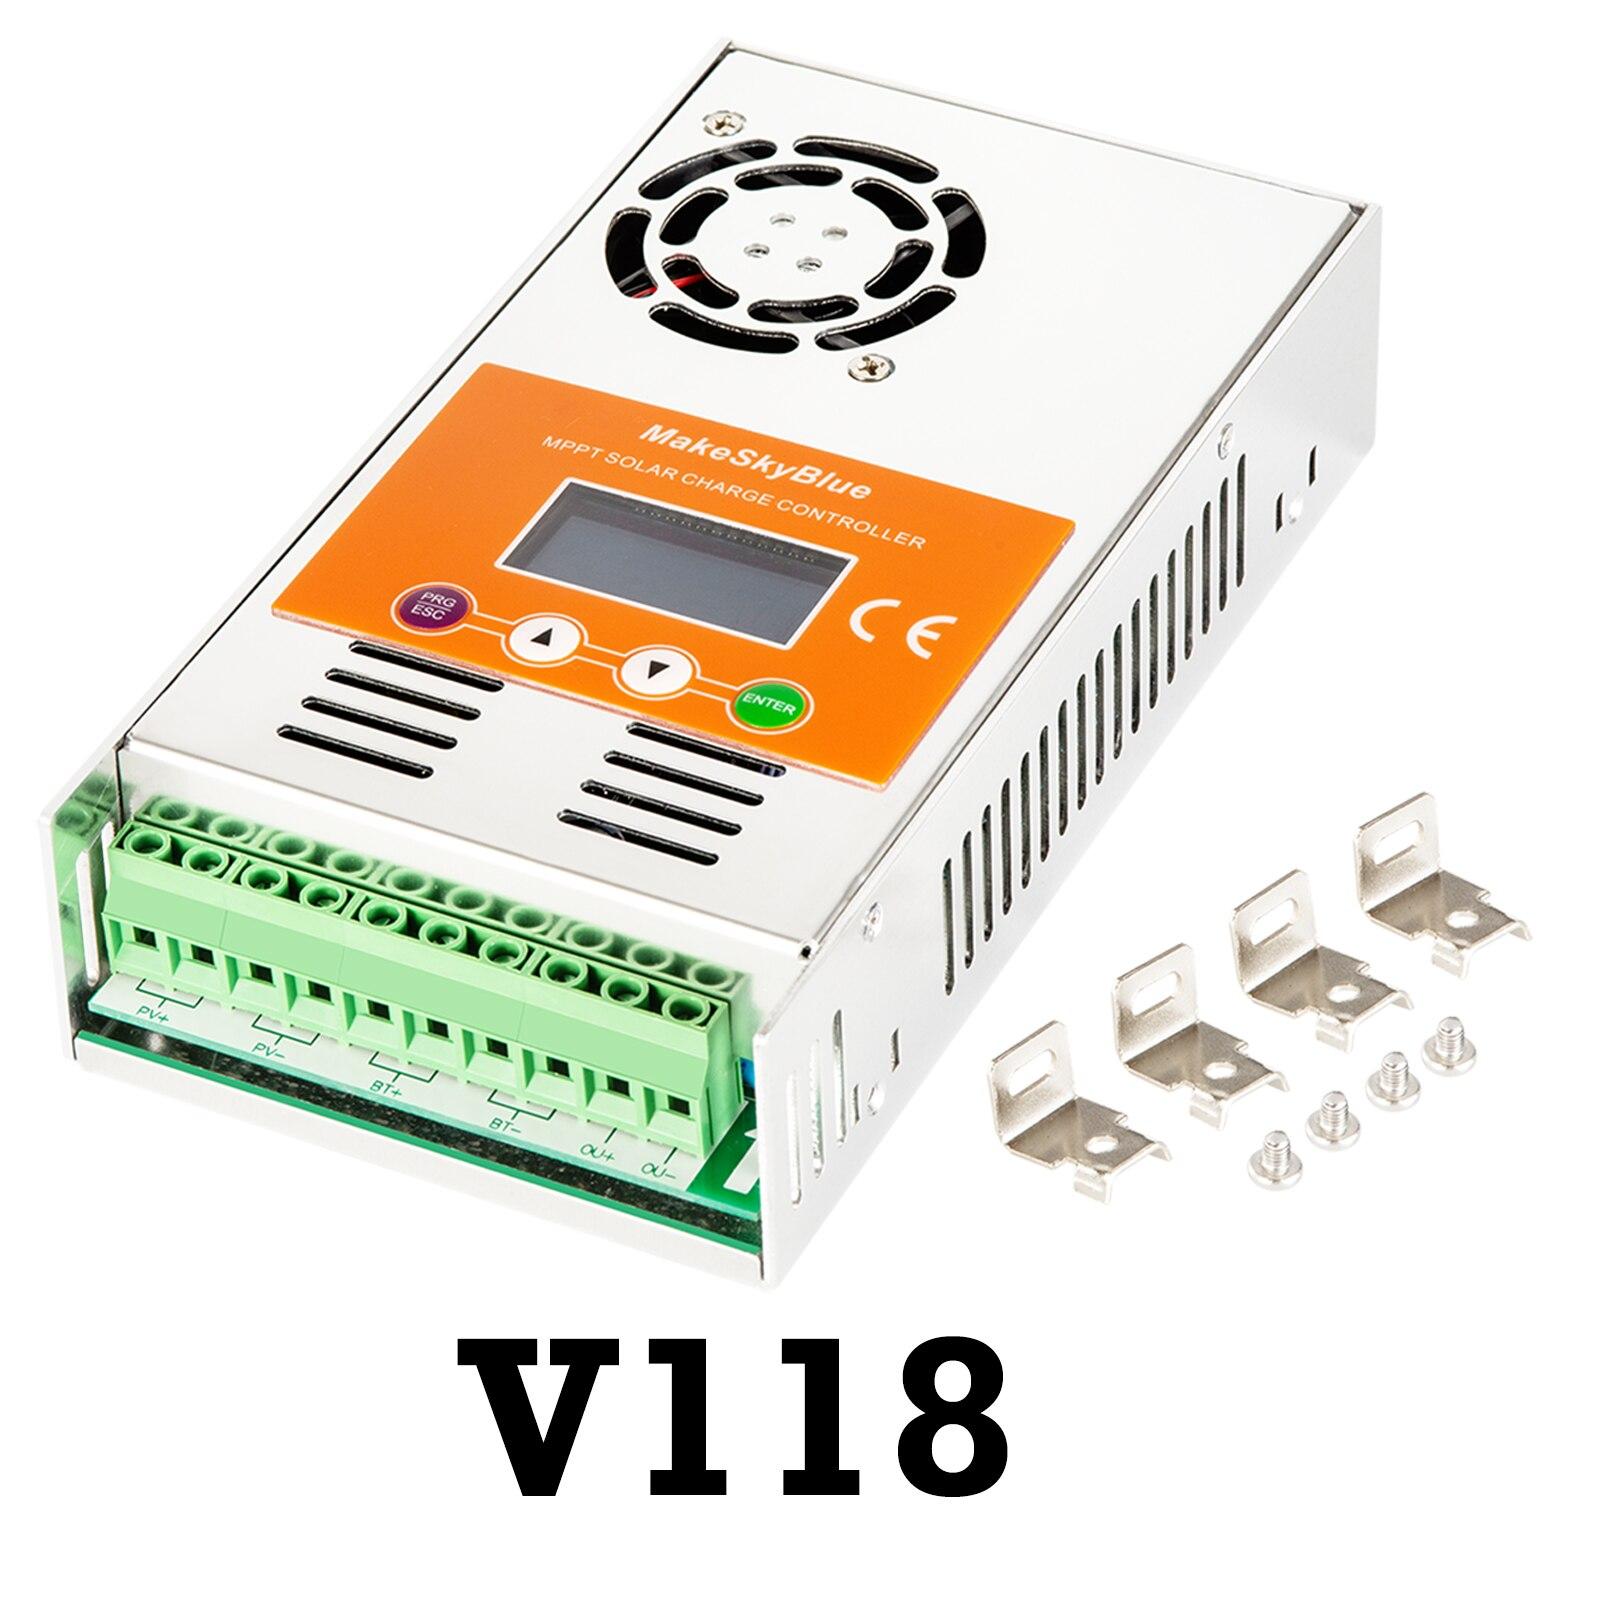 Contrôleur de Charge MPPT 60A Plus Version V118 paramètre d'affichage LCD régulateur de Charge de panneau solaire Ajustable